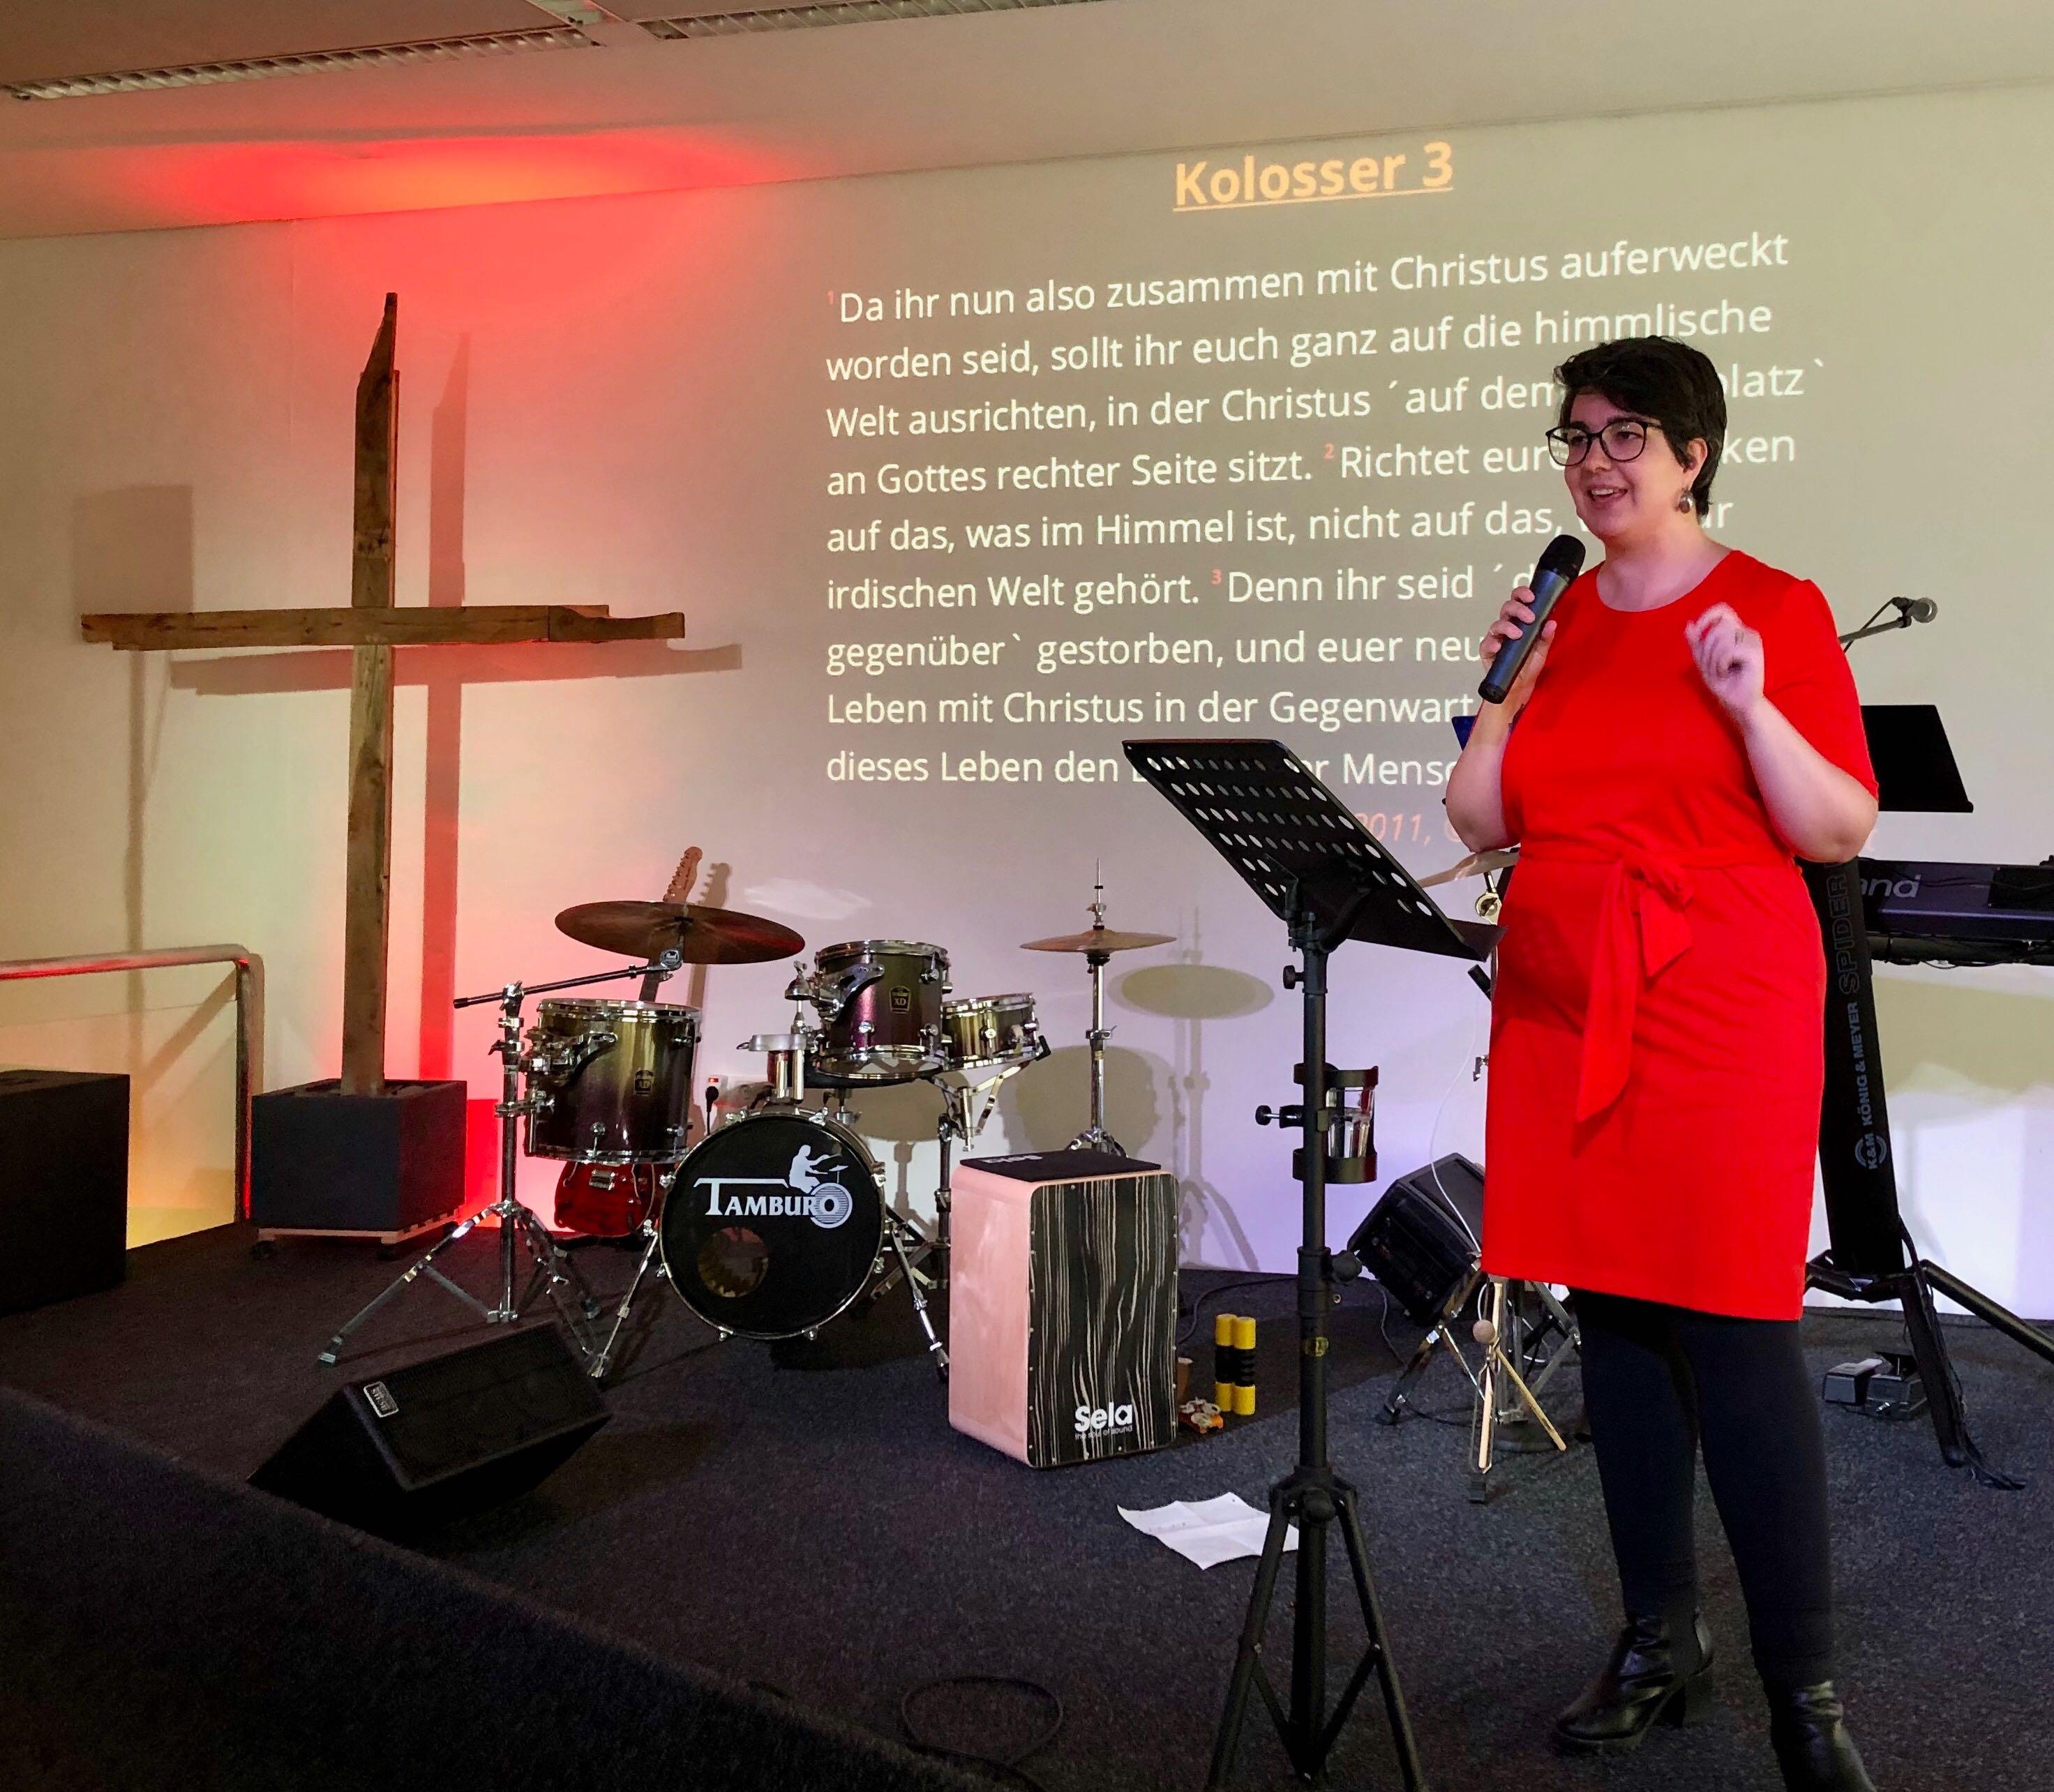 Fülke predigt über Himmel im Kopf